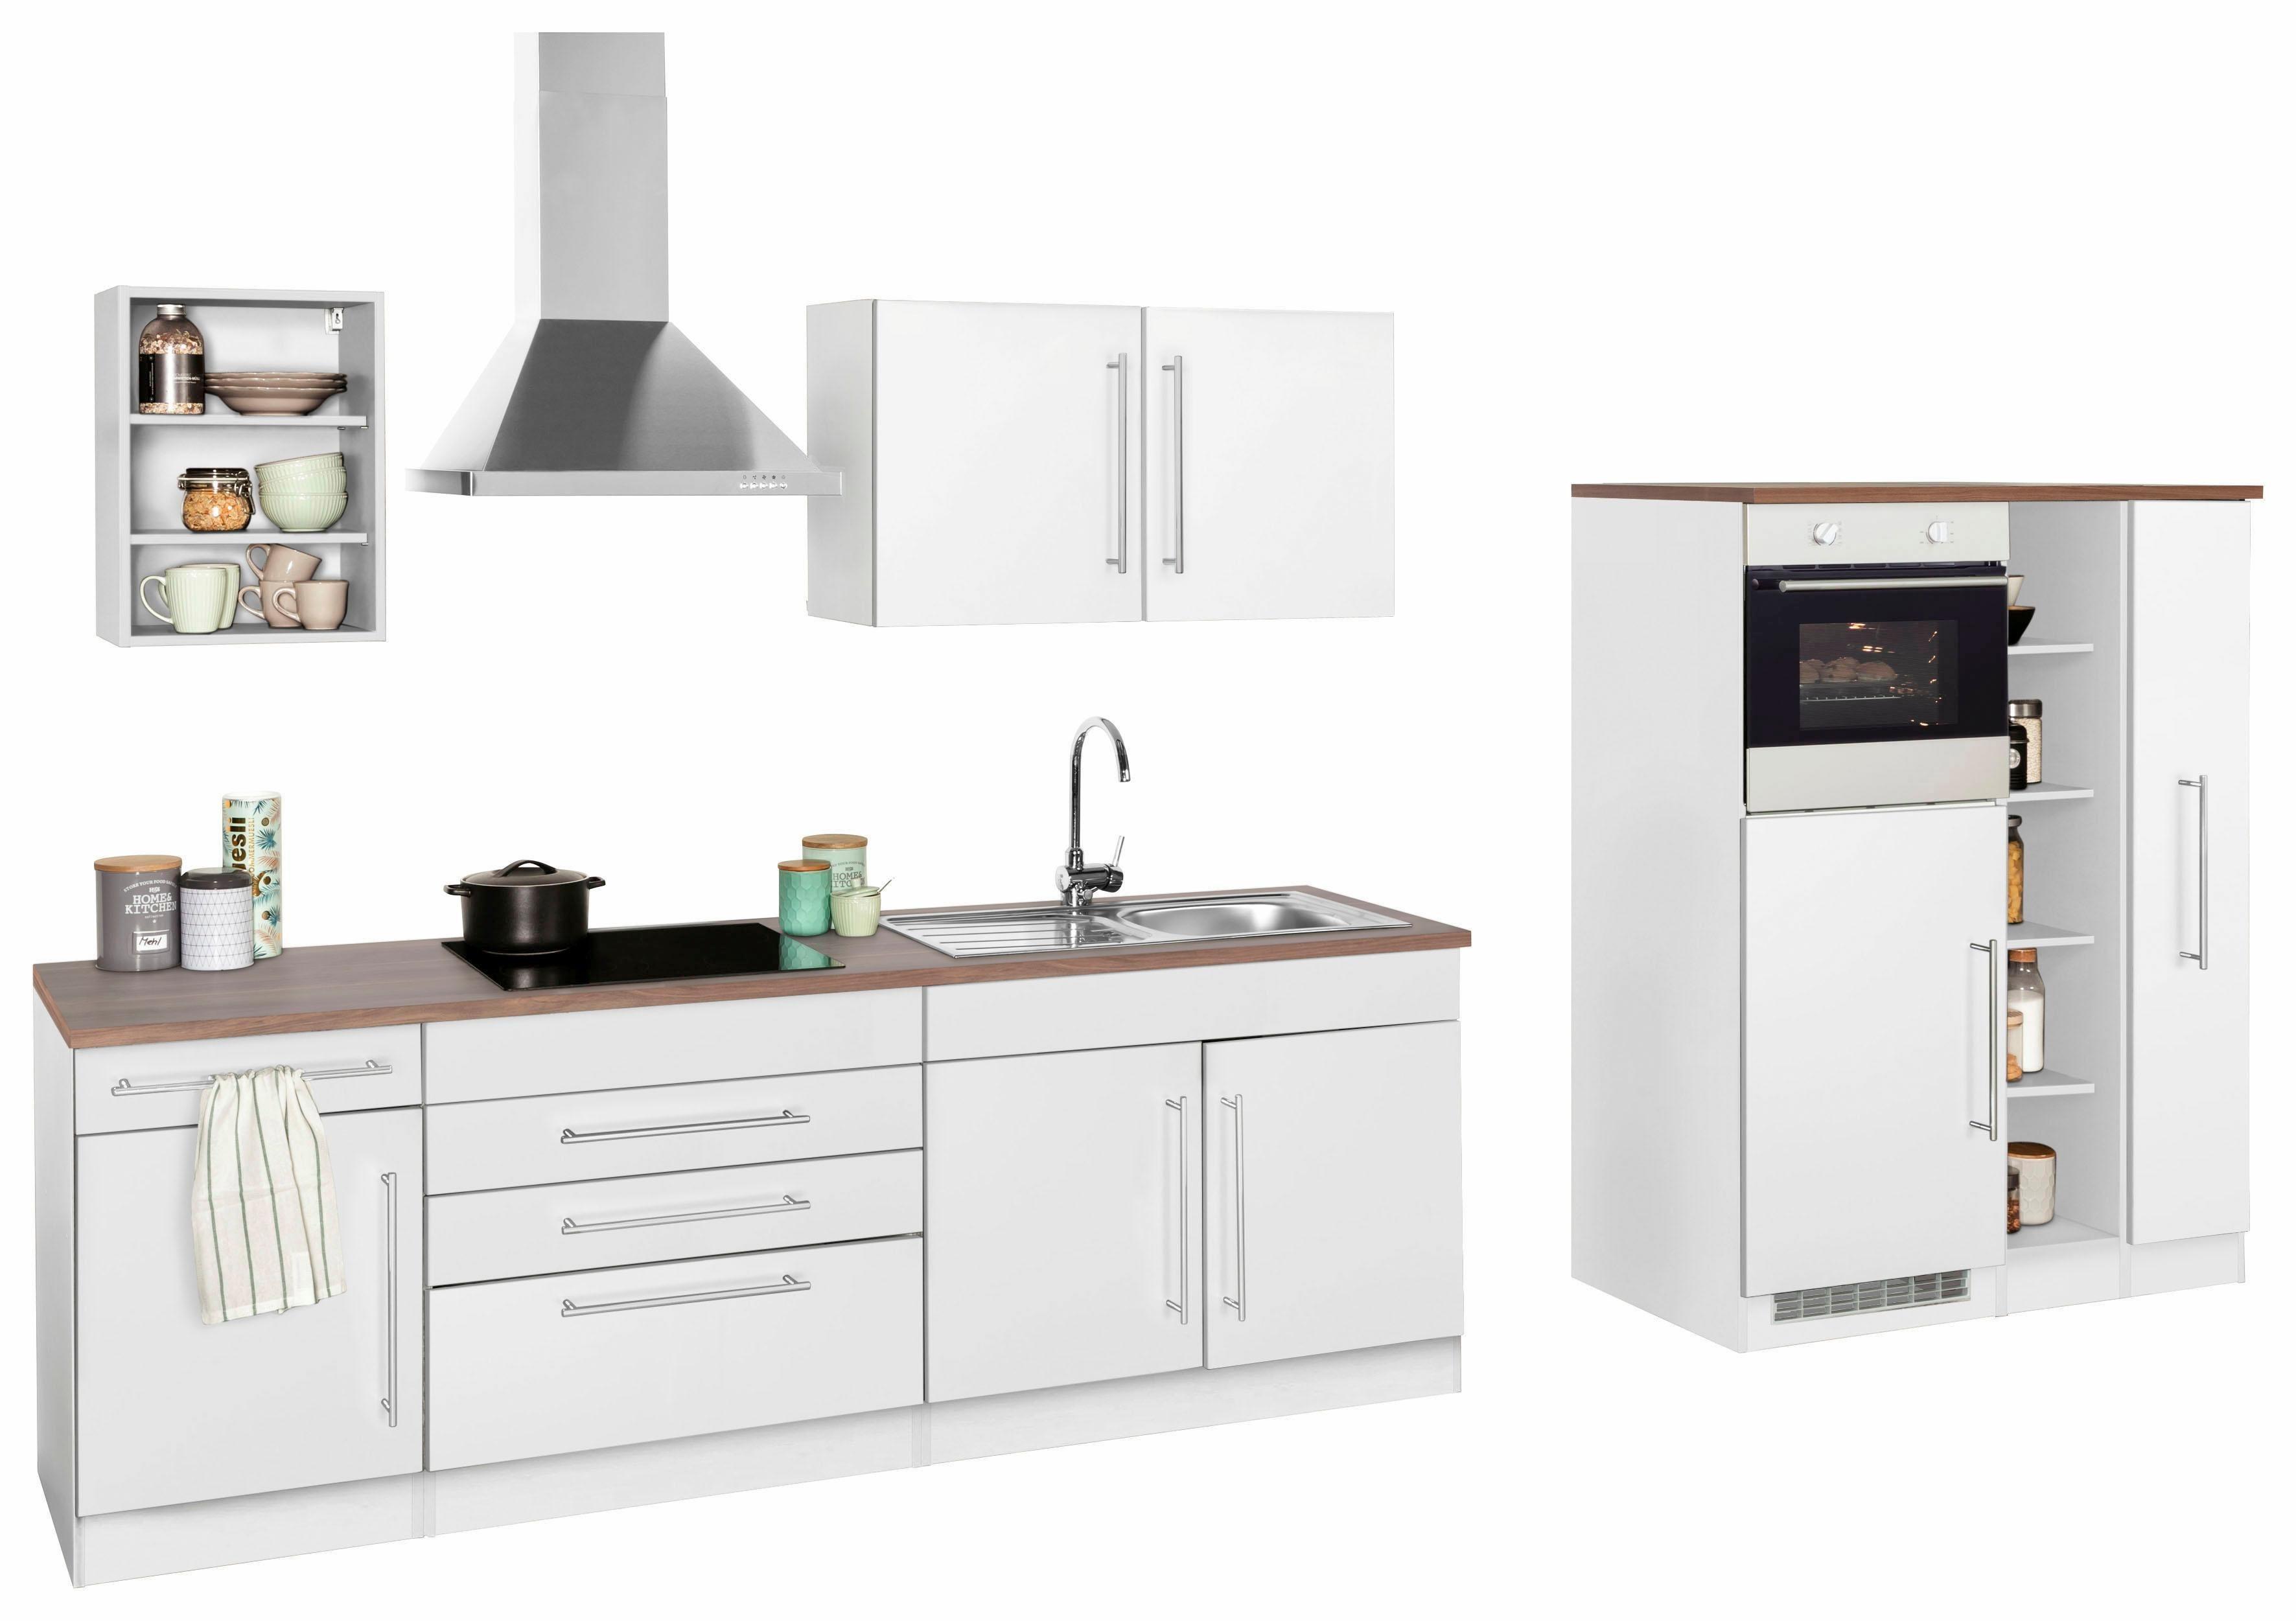 Stylife Küchenzeilen online kaufen   Möbel-Suchmaschine   ladendirekt.de